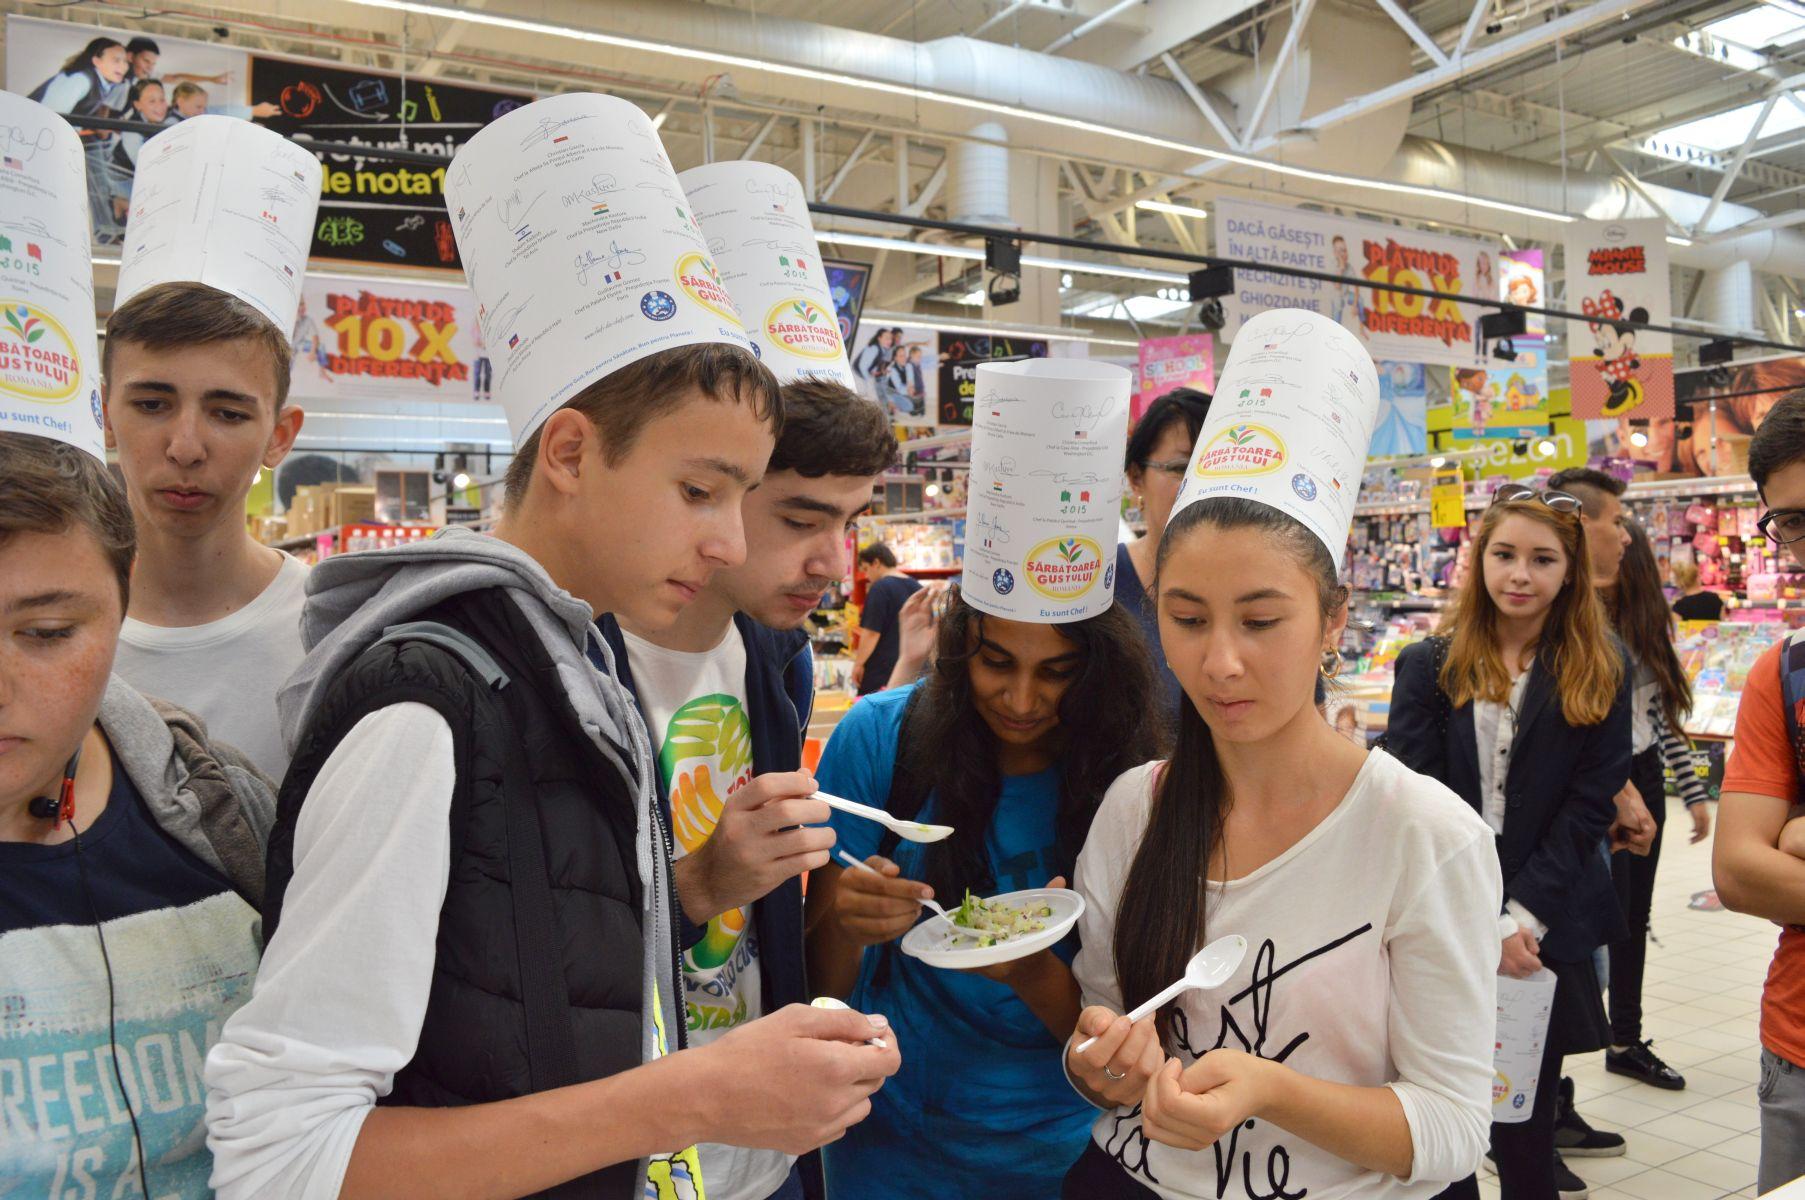 Atelier_Culinar_Sarbatoarea_Gustului_Carrefour_Orhidea_Atelier_Educational_09